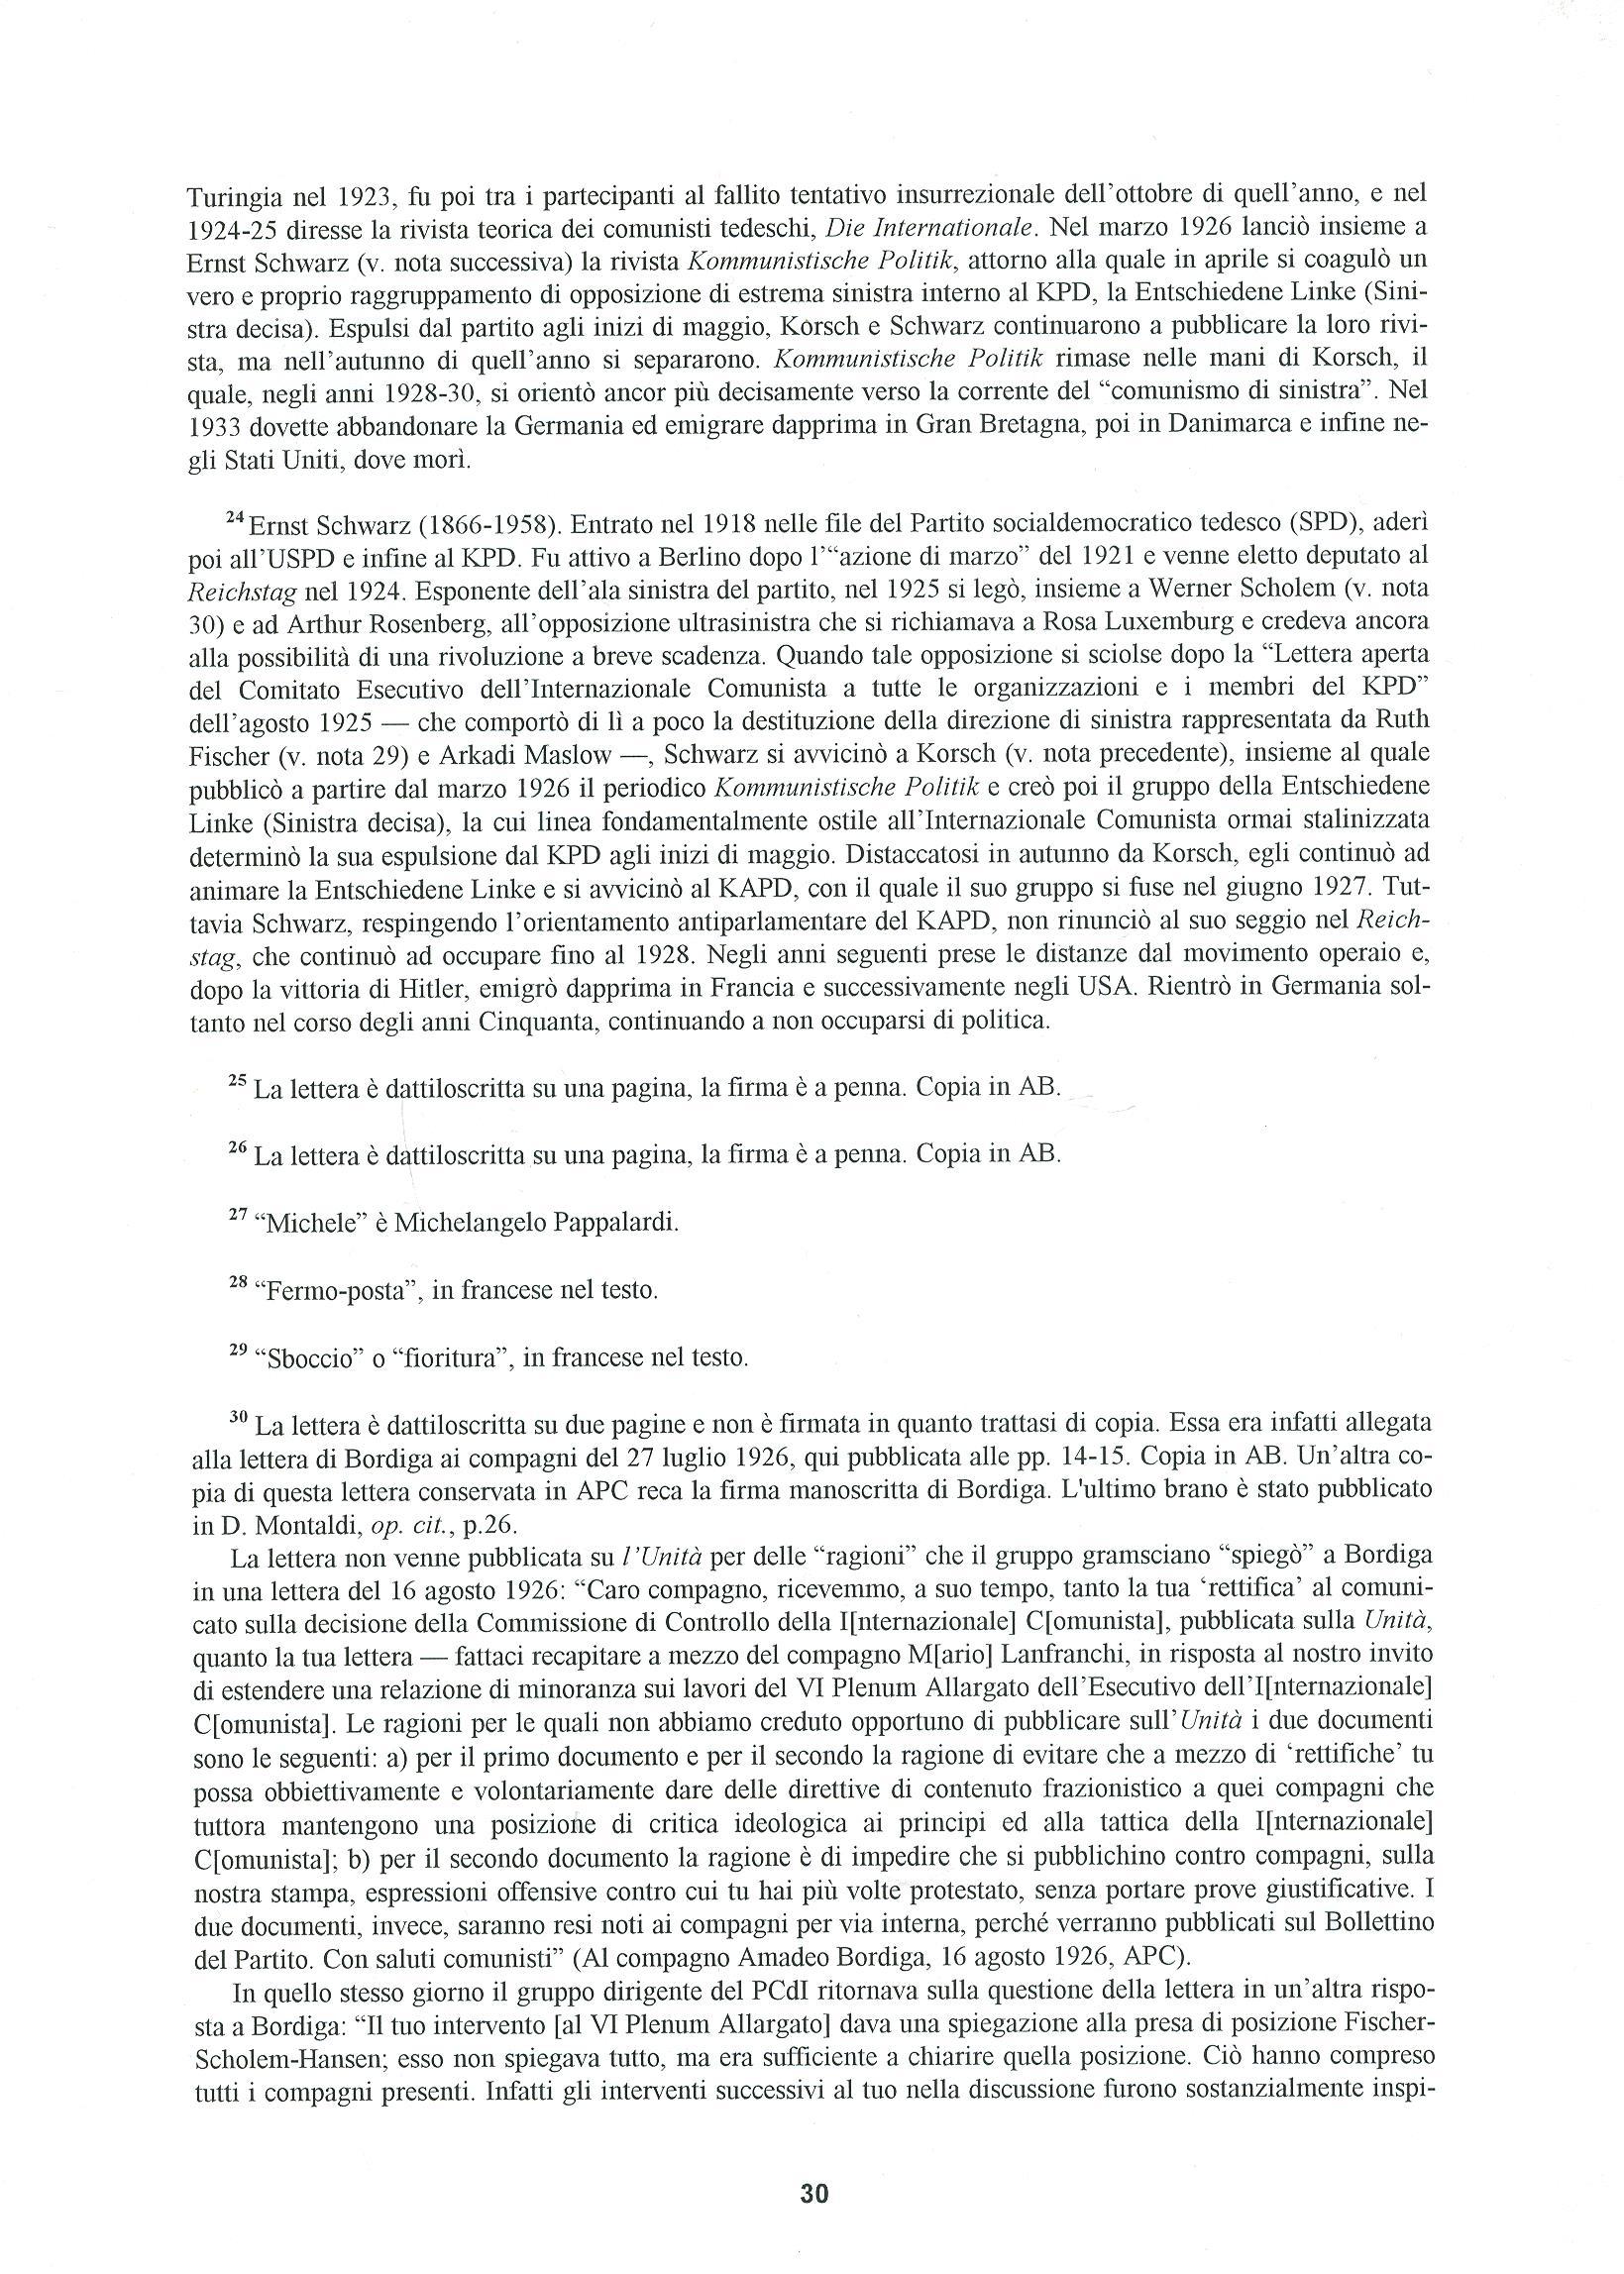 Quaderni del Centro Studi Pietro Tresso (1996-2009) n. 14 (novembre 1998) - pag. 31